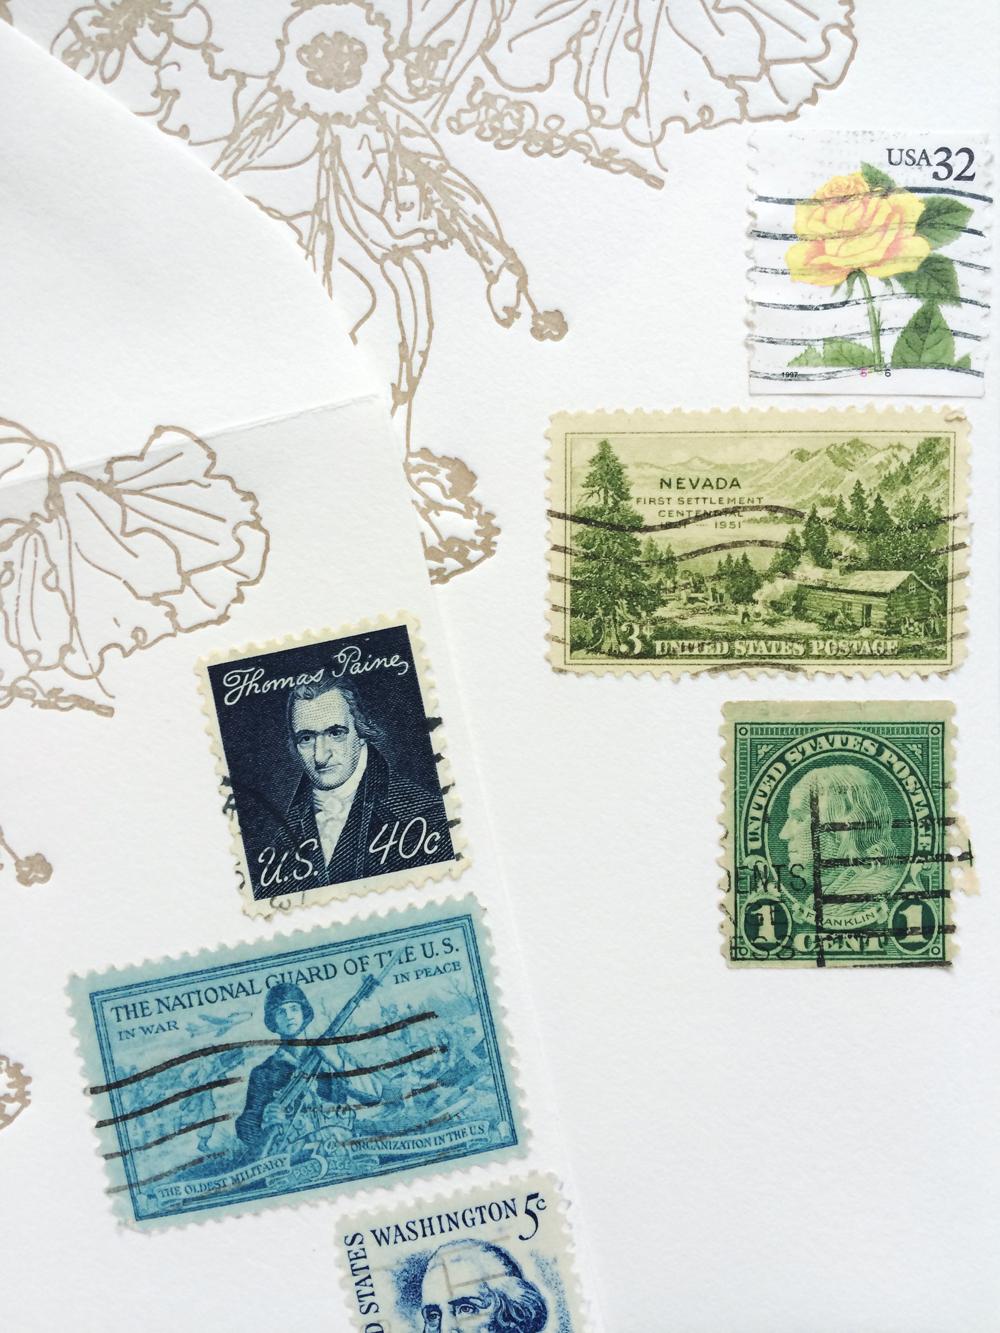 Vintage (canceled) postage